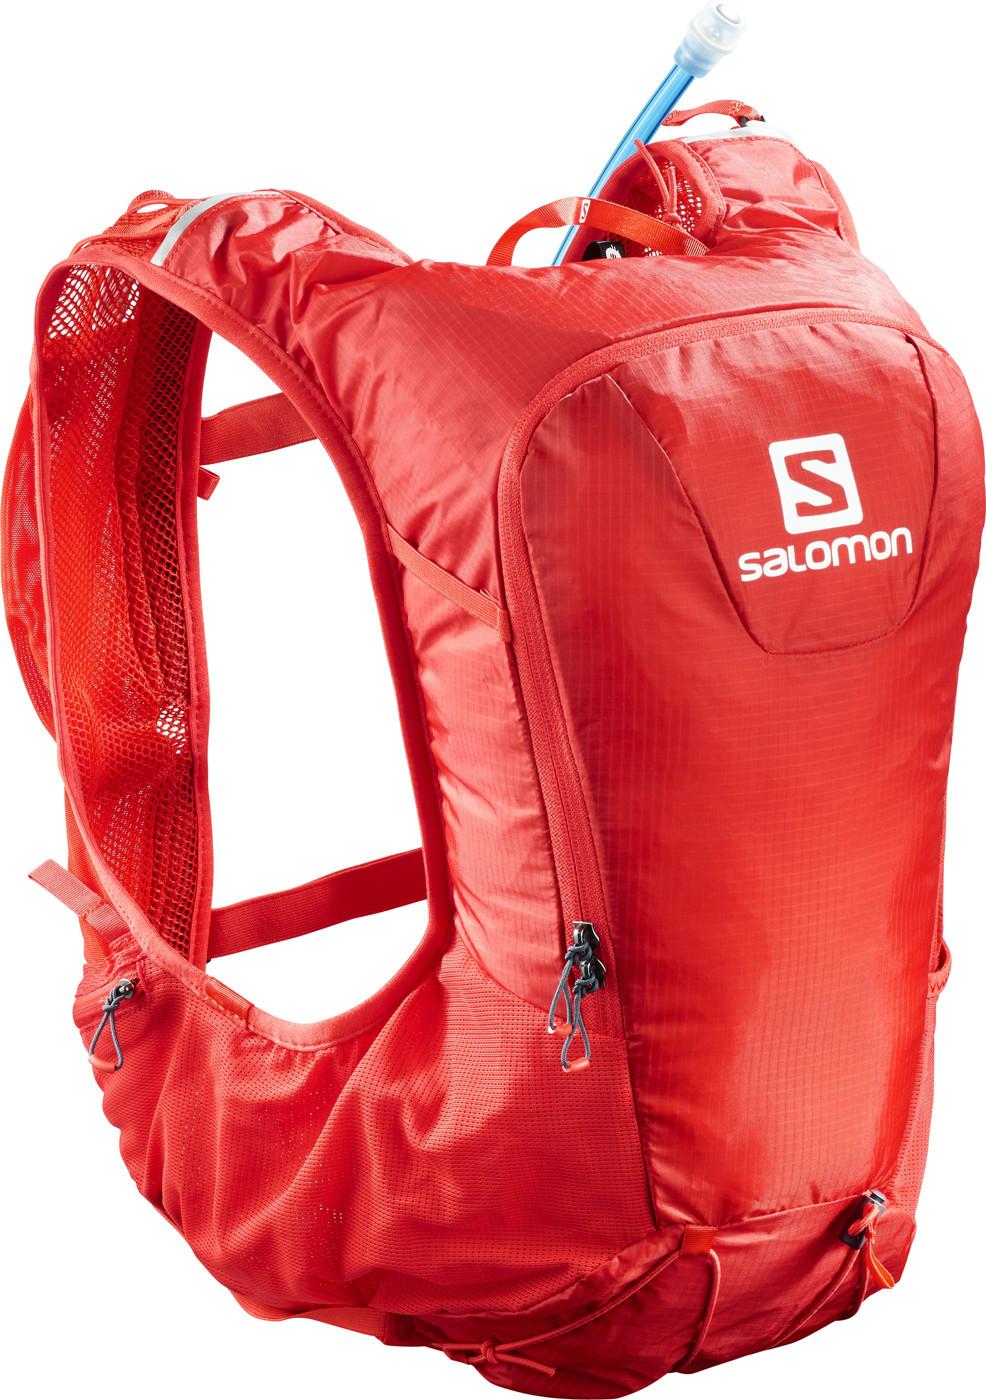 SALOMON BAG SKIN PRO 10 SET FIERY RED